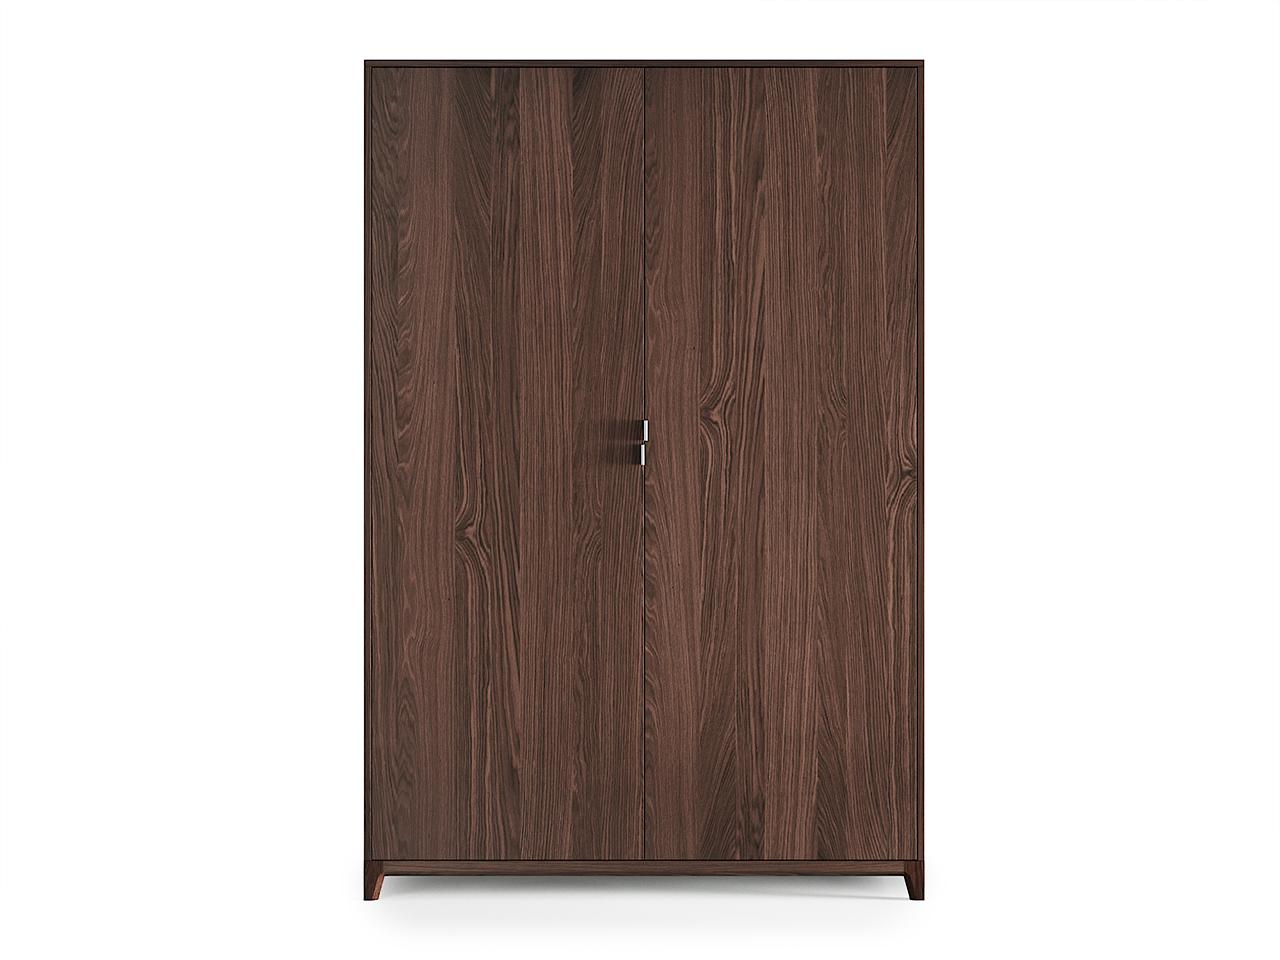 Шкаф Case (темный)Платяные шкафы<br>Вместительный, прочный и удобный шкаф CASE сочетает в себе продуманную структуру и современный дизайн.Внутри шкафа комфортно расположены полки, выдвижные ящики и штанги для вешалок. Благодаря отсутствию в конструкции лишних элементов и сбалансированной форме шкаф не выглядит массивным, а фасады с неповторимой фактурой дерева завершают его лаконичный образ. Шкаф CASE рассчитан на комфортное использование для одного или двух человек.&amp;lt;div&amp;gt;&amp;lt;br&amp;gt;&amp;lt;/div&amp;gt;&amp;lt;div&amp;gt;Материал: Массив дуба, натуральный шпон дуба, МДФ, ДСП, лак&amp;lt;br&amp;gt;&amp;lt;/div&amp;gt;<br><br>Material: Дуб<br>Ширина см: 140.0<br>Высота см: 210.0<br>Глубина см: 60.0